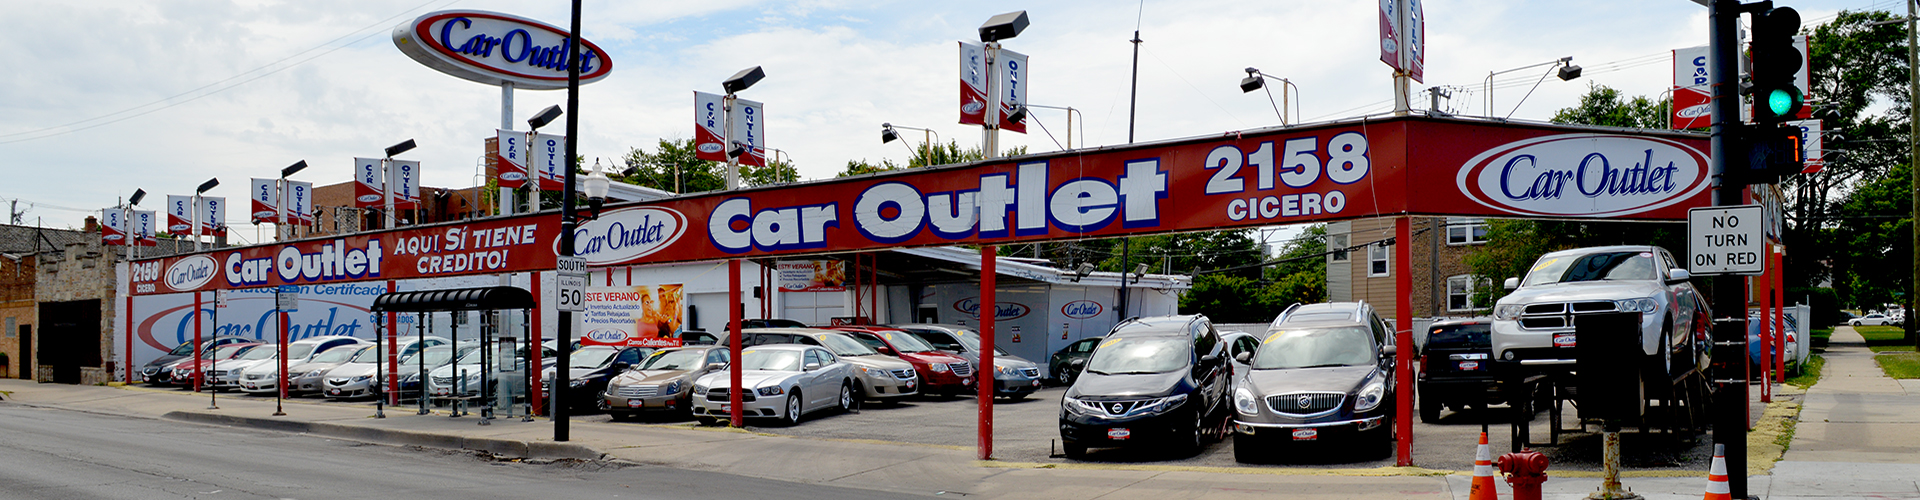 car outlet elgin  Chicago Illinois Dealership   Car Outlet